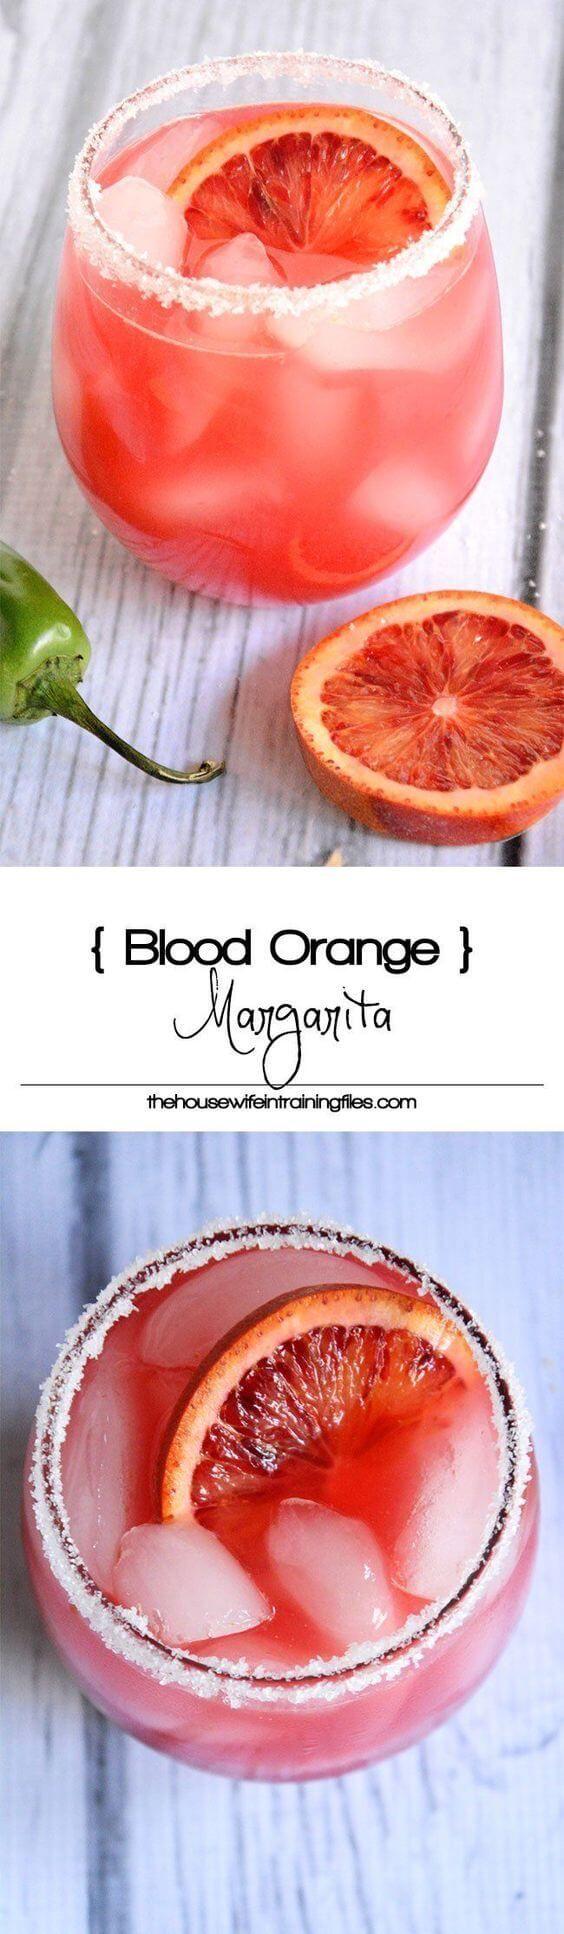 cool Blood Orange Margarita